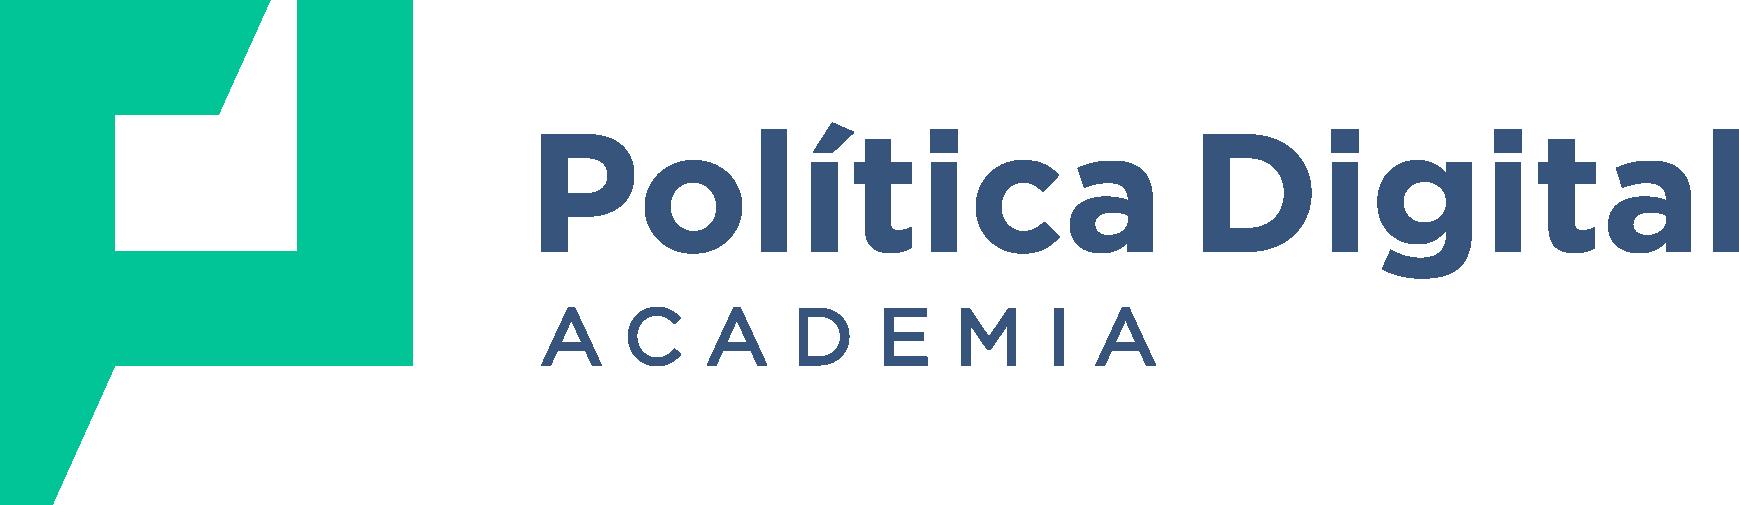 OED - Academia de Política Digital